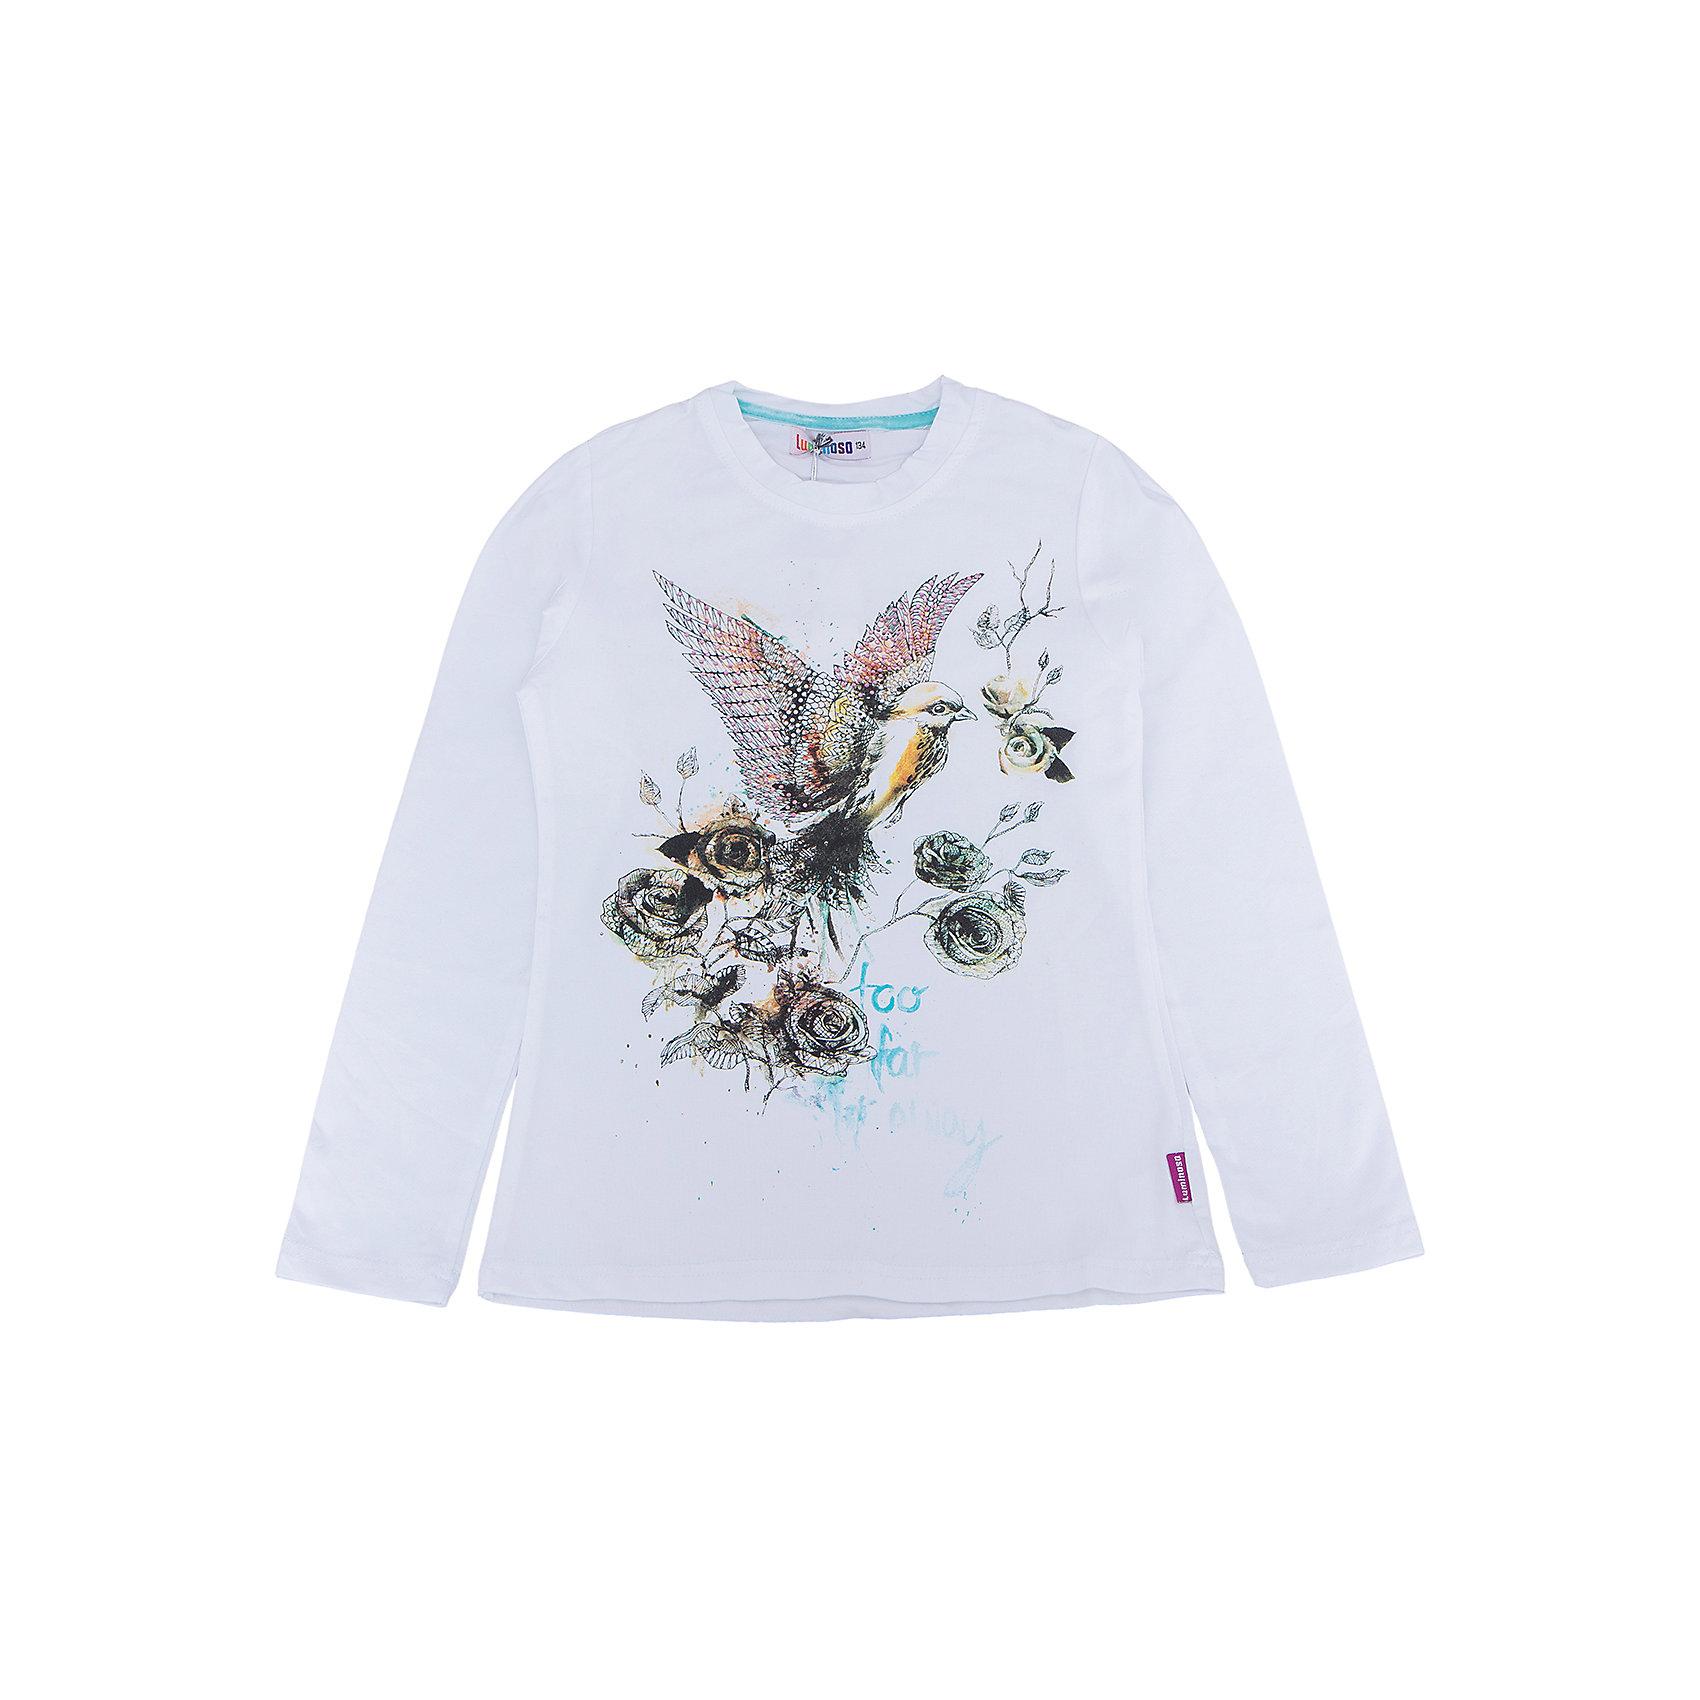 Футболка с длинным рукавом для девочки LuminosoХарактеристики товара:<br><br>- цвет: белый;<br>- материал: 95% хлопок, 5% эластан;<br>- декорирована принтом;<br>- длинный рукав;<br>- округлый горловой вырез.<br><br>Стильная одежда от бренда Luminoso (Люминосо), созданная при участии итальянских дизайнеров, учитывает потребности подростков и последние веяния моды. Она удобная и модная.<br>Эта футболка с длинным рукавом выглядит стильно и нарядно, но при этом подходит для ежедневного ношения. Он хорошо сидит на ребенке, обеспечивает комфорт и отлично сочетается с одежной разных стилей. Модель отличается высоким качеством материала и продуманным дизайном. Натуральный хлопок в составе изделия делает его дышащим, приятным на ощупь и гипоаллергеным.<br><br>Футболку с длинным рукавом для девочки от бренда Luminoso (Люминосо) можно купить в нашем интернет-магазине.<br><br>Ширина мм: 230<br>Глубина мм: 40<br>Высота мм: 220<br>Вес г: 250<br>Цвет: белый<br>Возраст от месяцев: 96<br>Возраст до месяцев: 108<br>Пол: Женский<br>Возраст: Детский<br>Размер: 134,164,158,152,146,140<br>SKU: 4929514